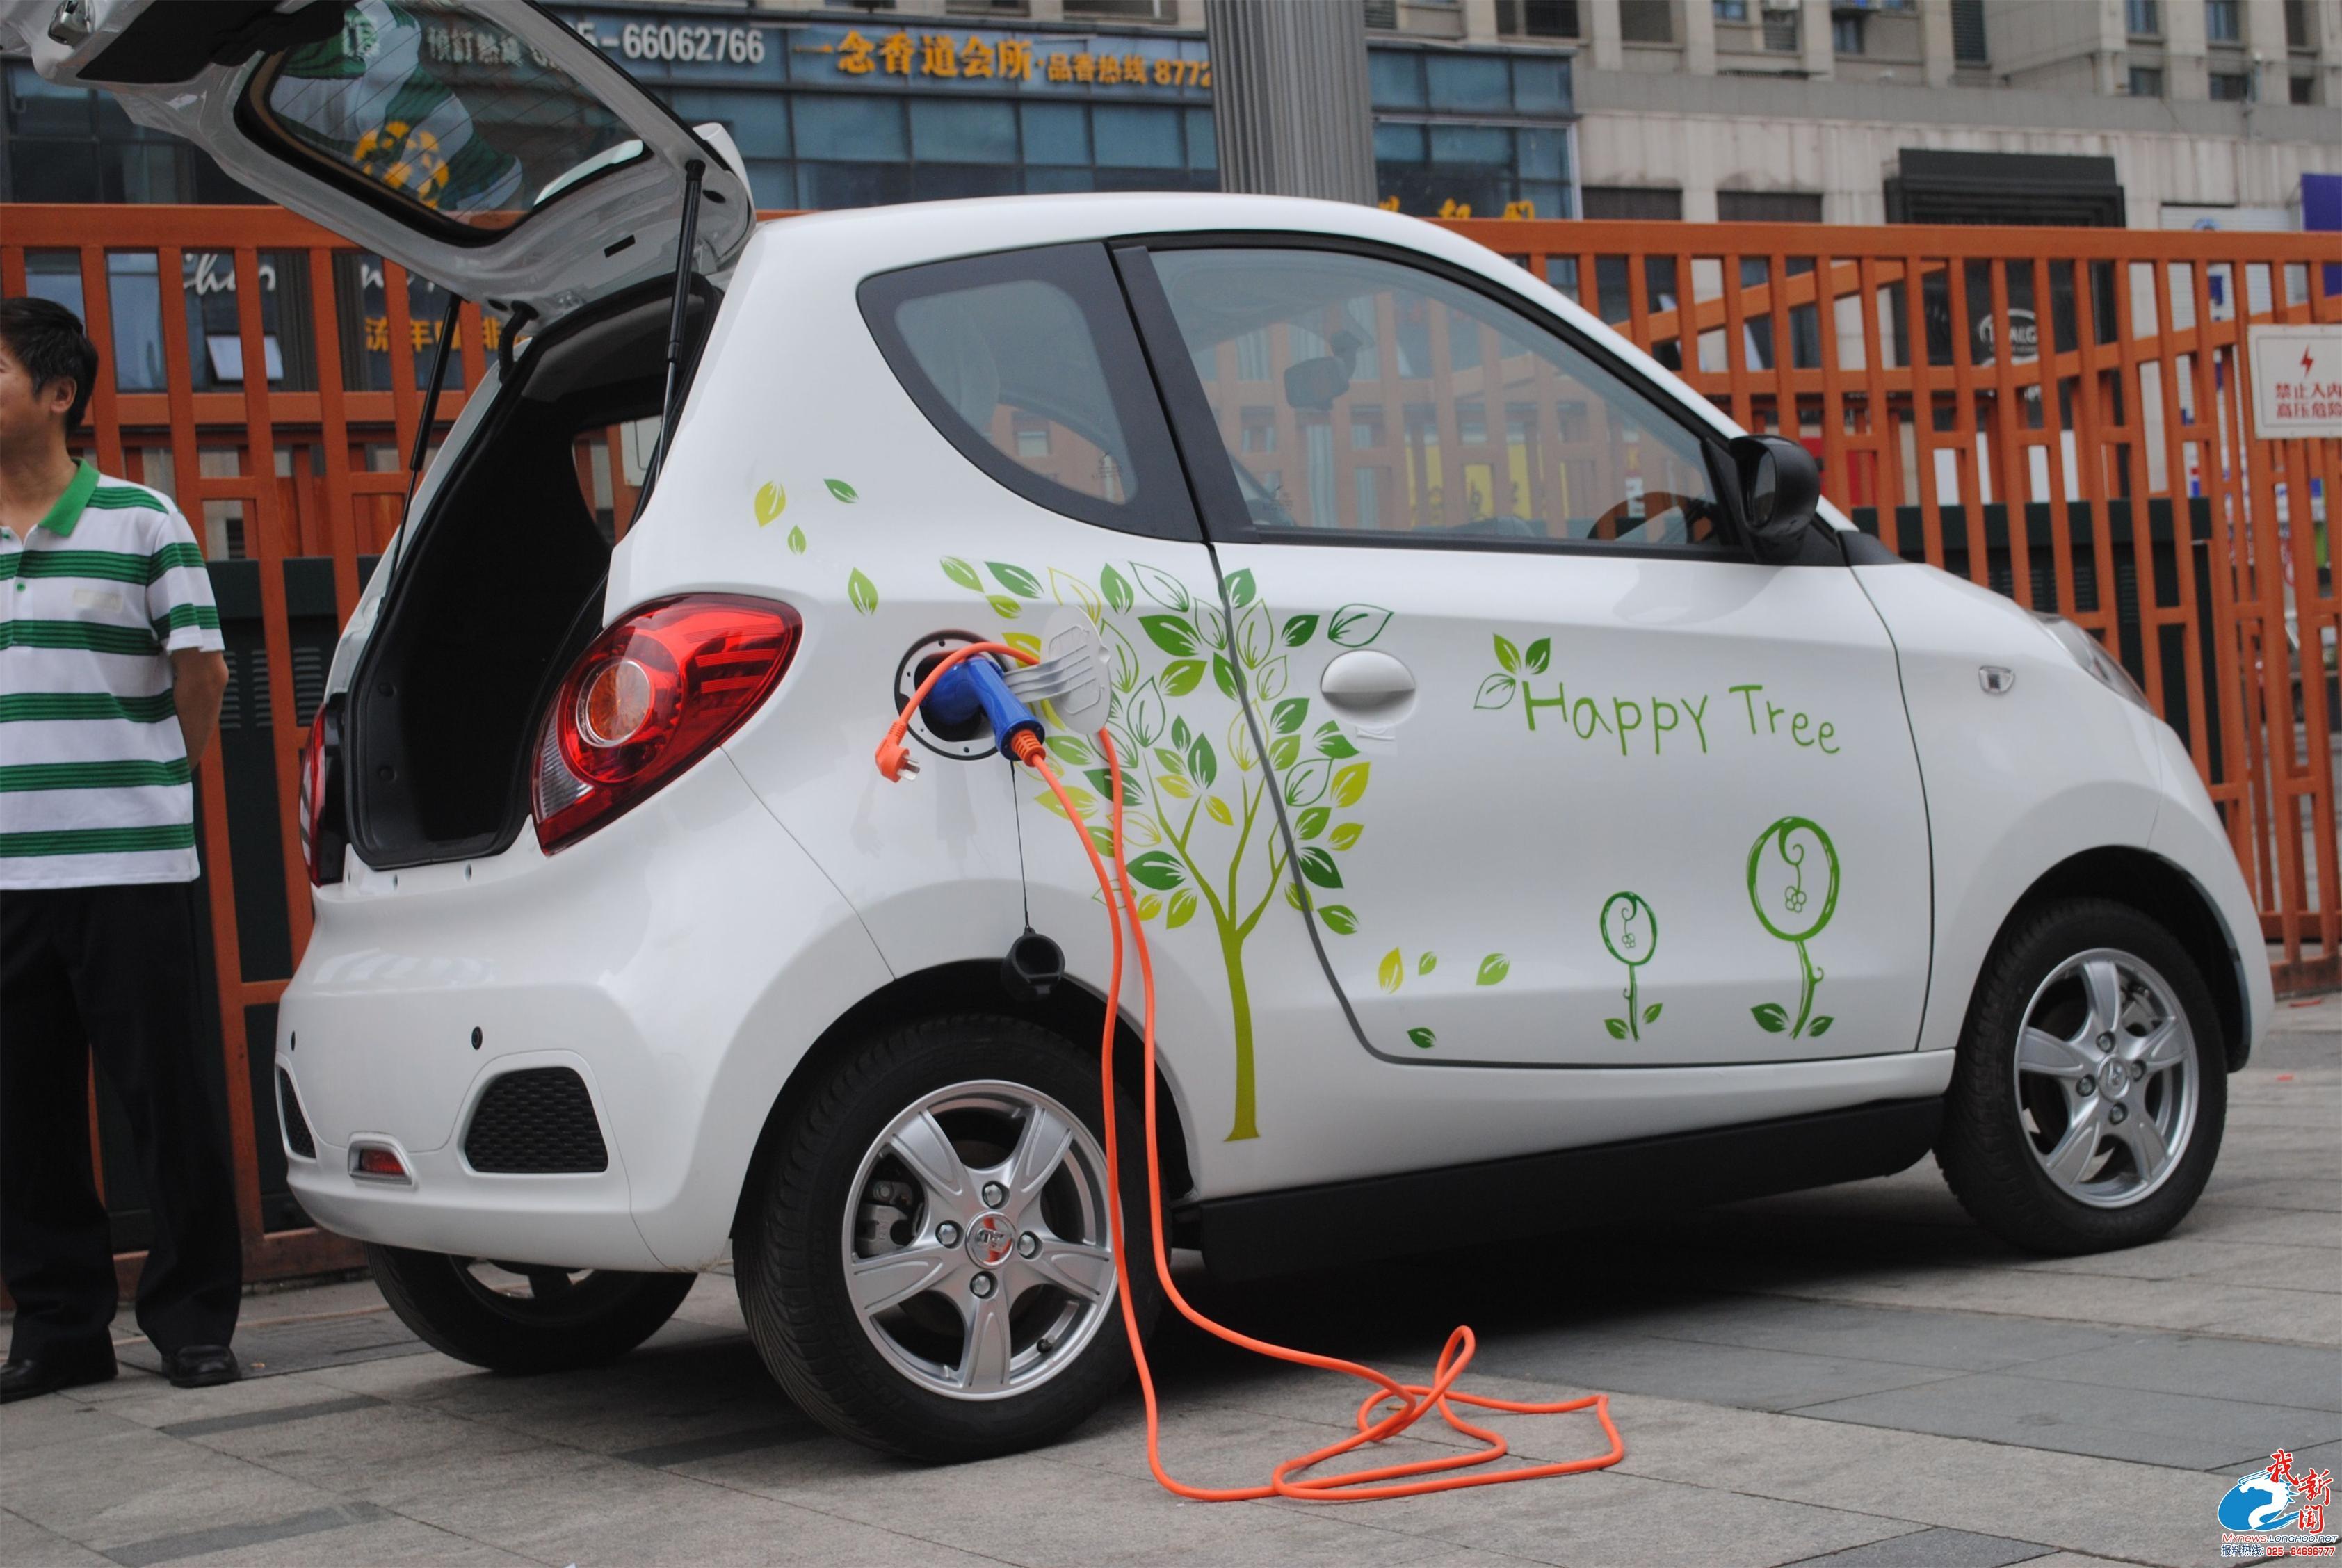 冲出低速电动车泛滥成灾窘境 知豆电动车的微模式